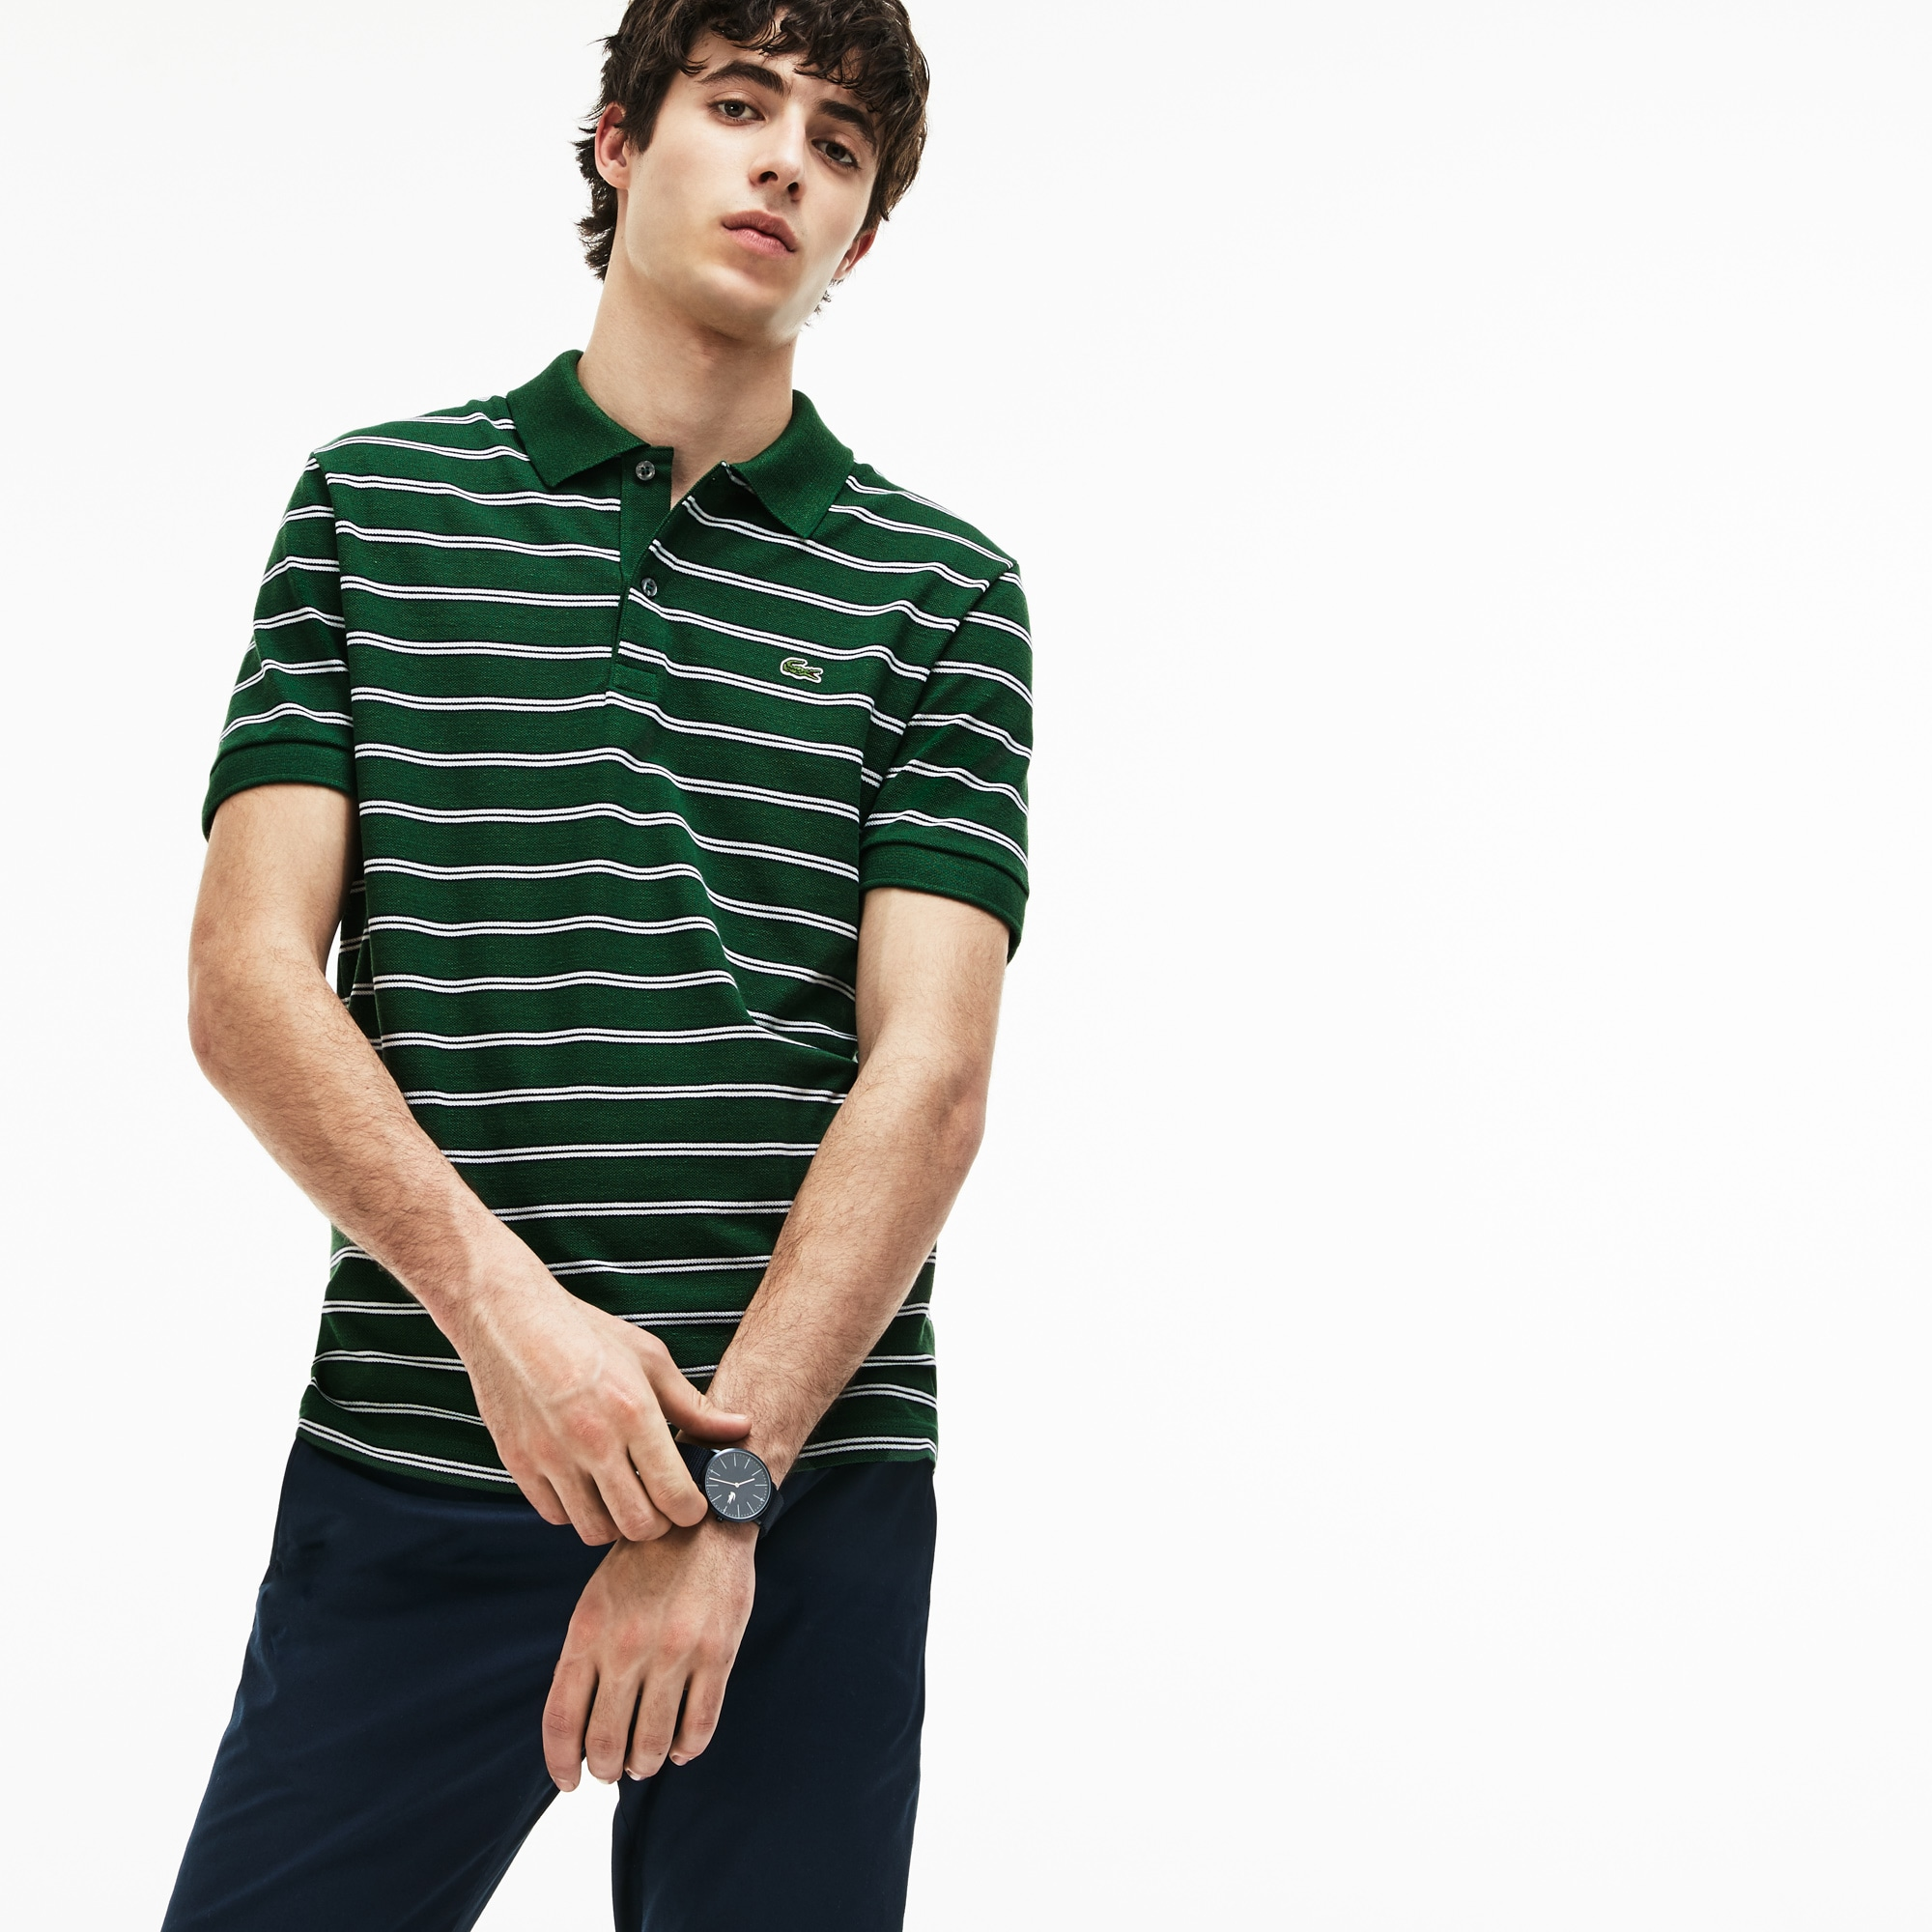 Regular Fit Herren-Poloshirt aus gestreiftem Baumwoll-Piqué